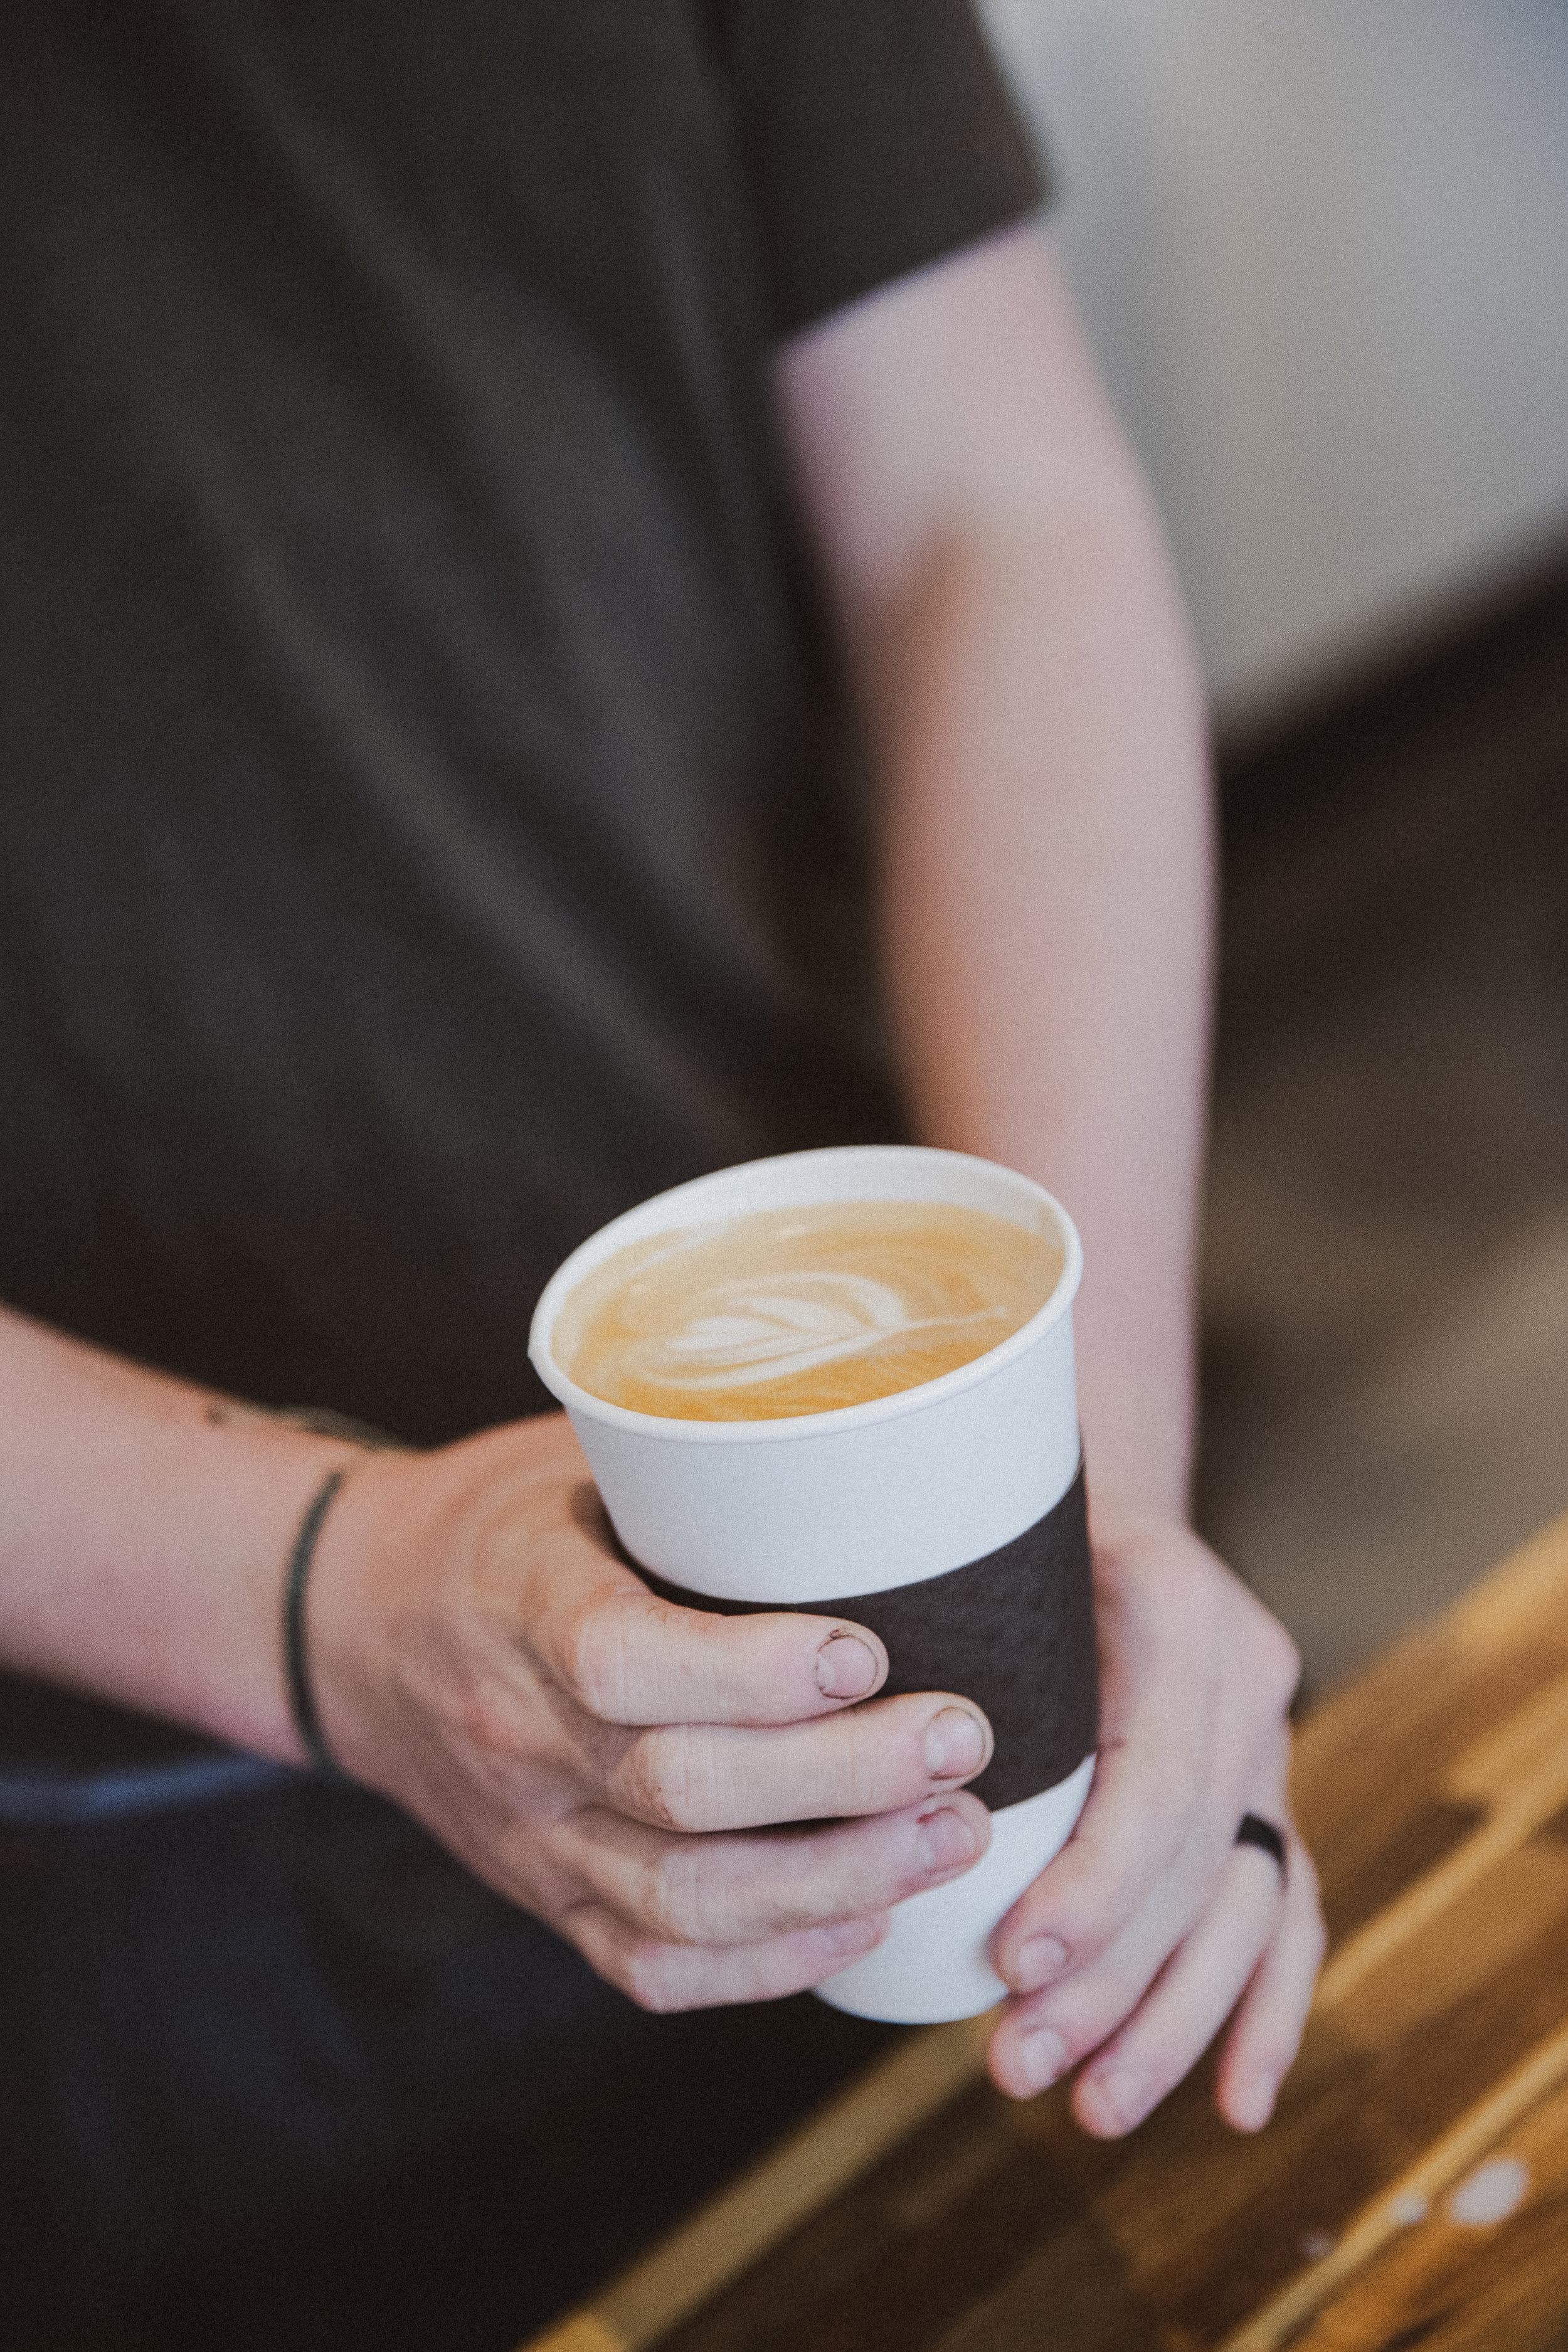 coffeeshop-photography-9I0594.jpg